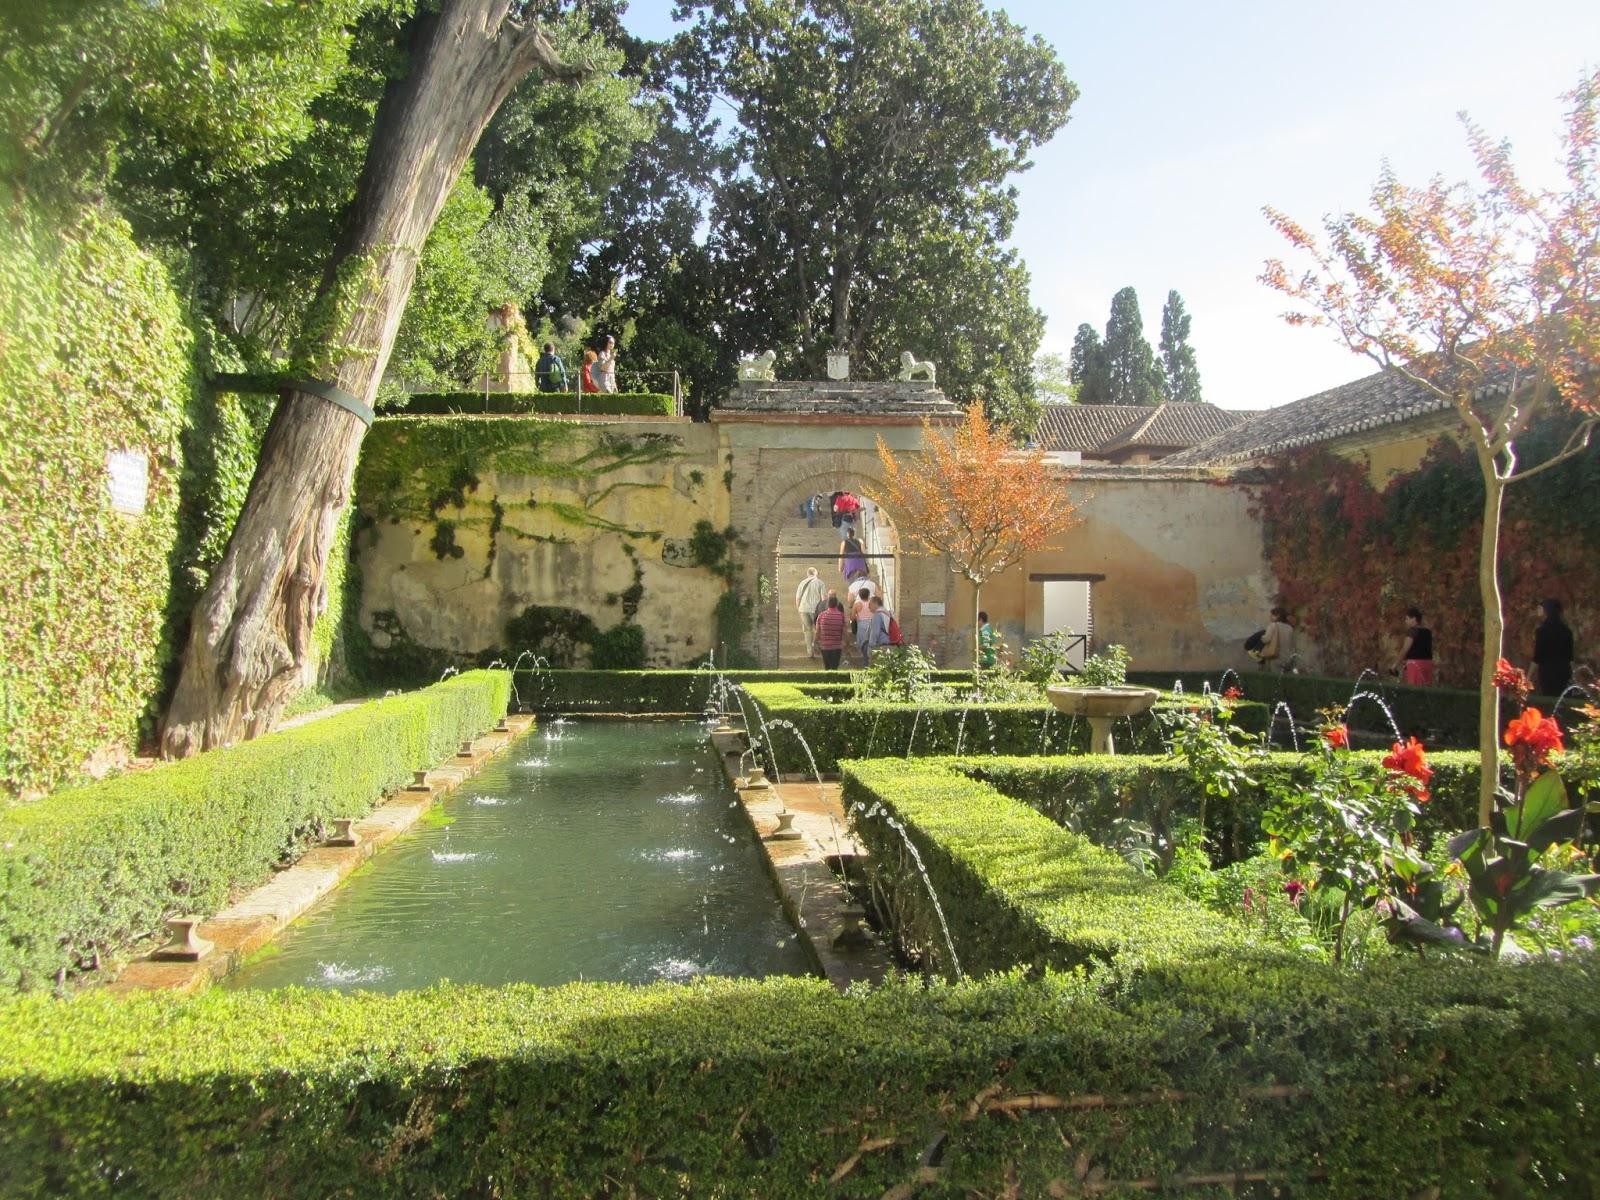 Patio del Ciprés de la Sultana, con fuente central y frondosa vegetación.